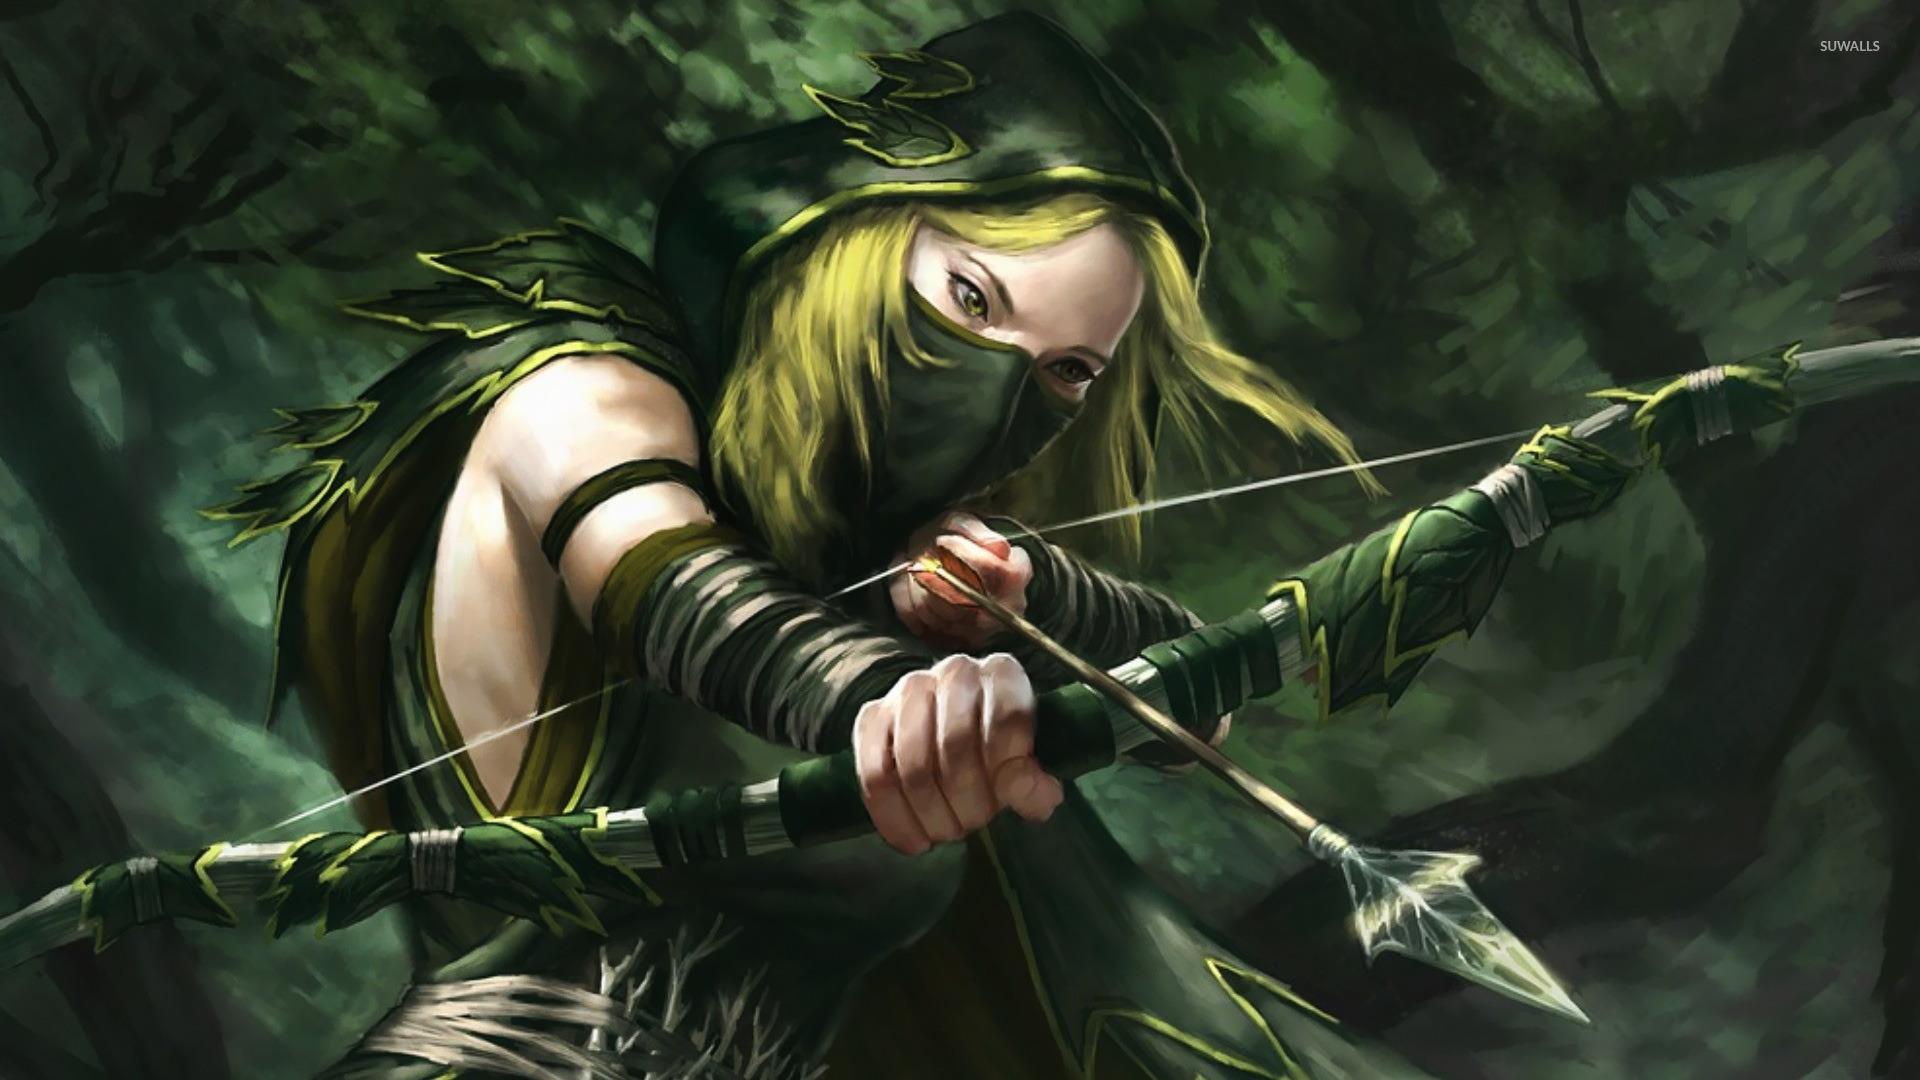 نتیجه تصویری برای Archer girl